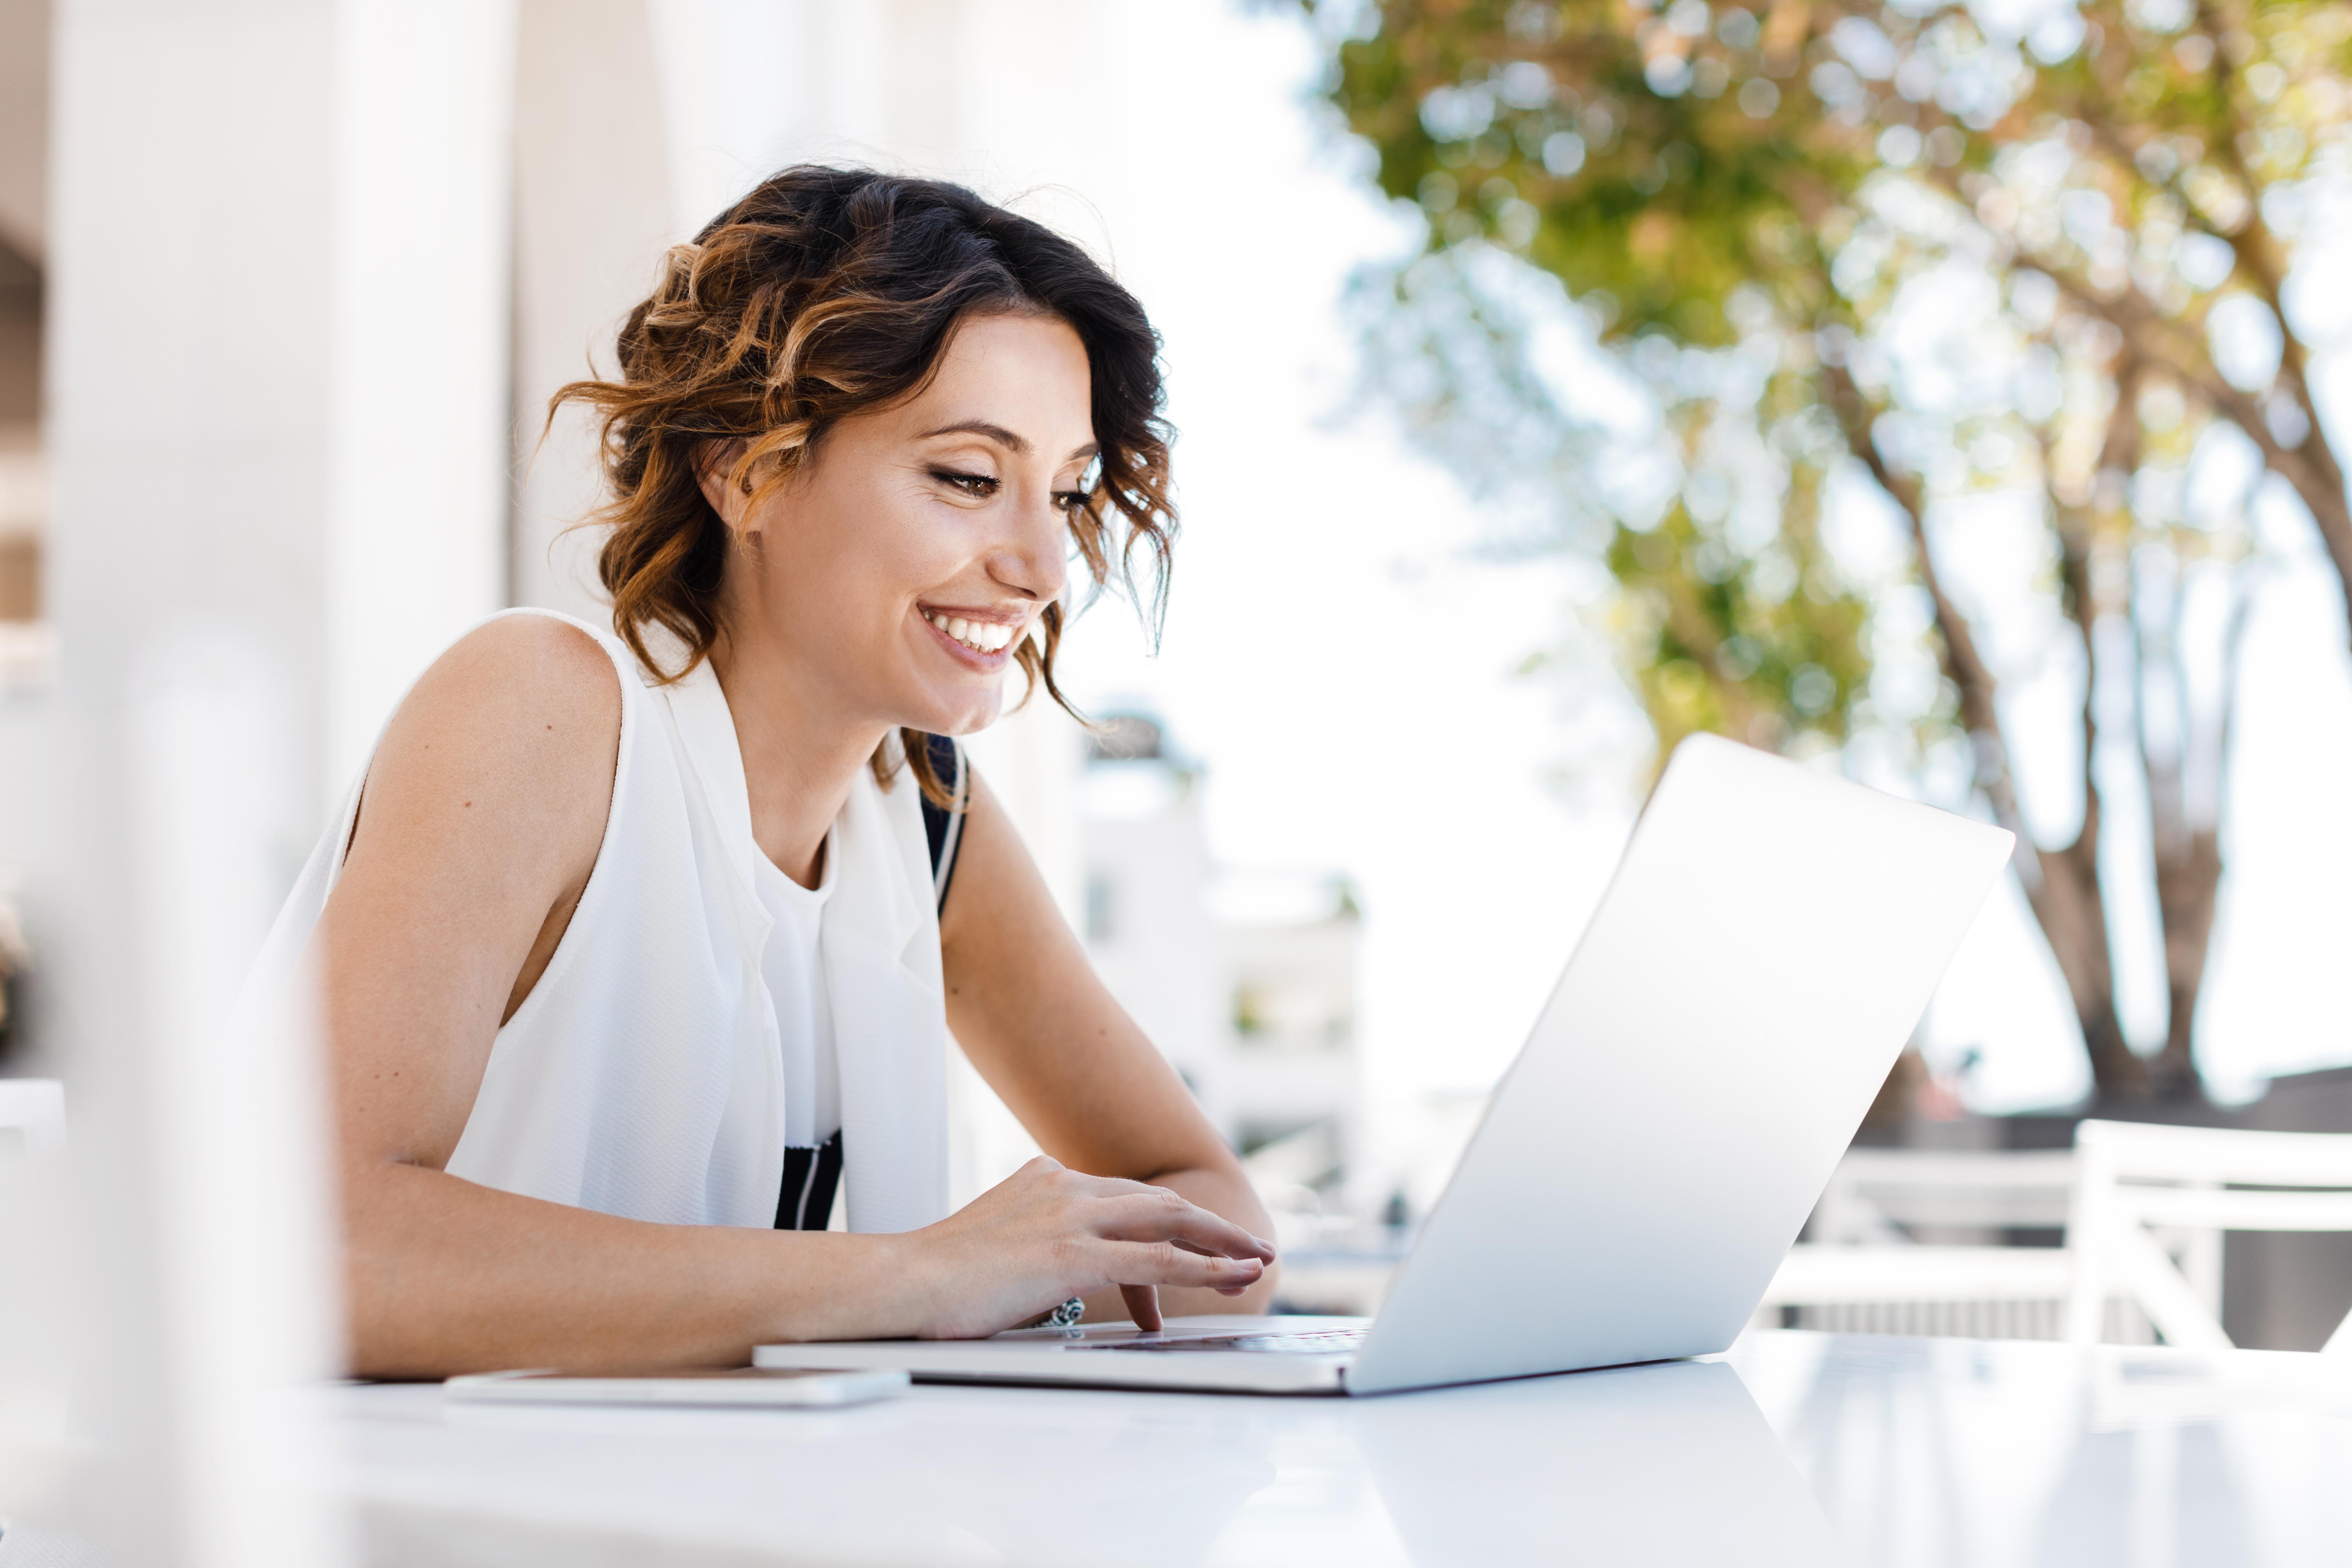 Як вибрати свій ідеальний ноутбук для повноцінної роботи вдома